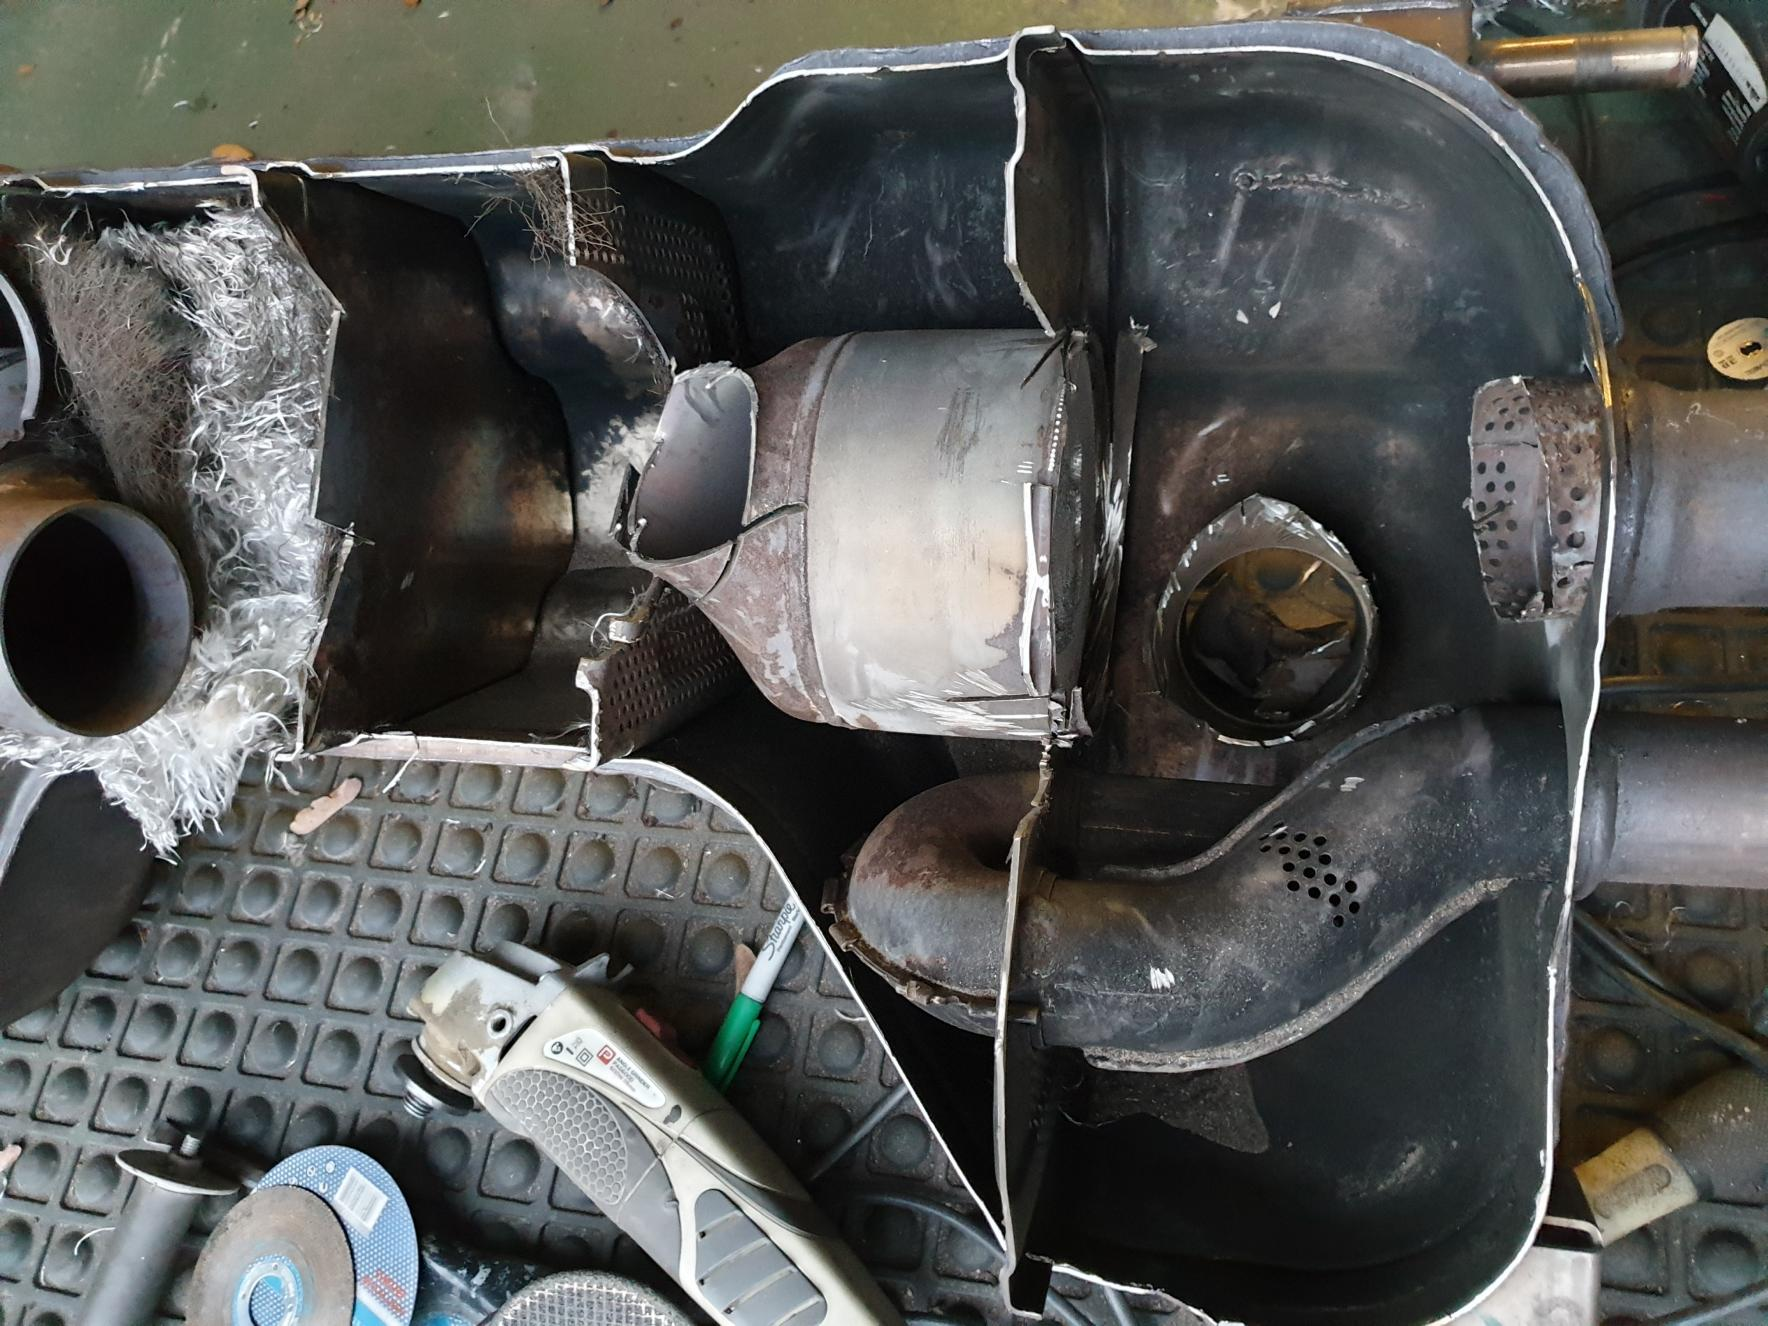 Depacking Stock V8 Exhaust.-20190407_192646.jpg